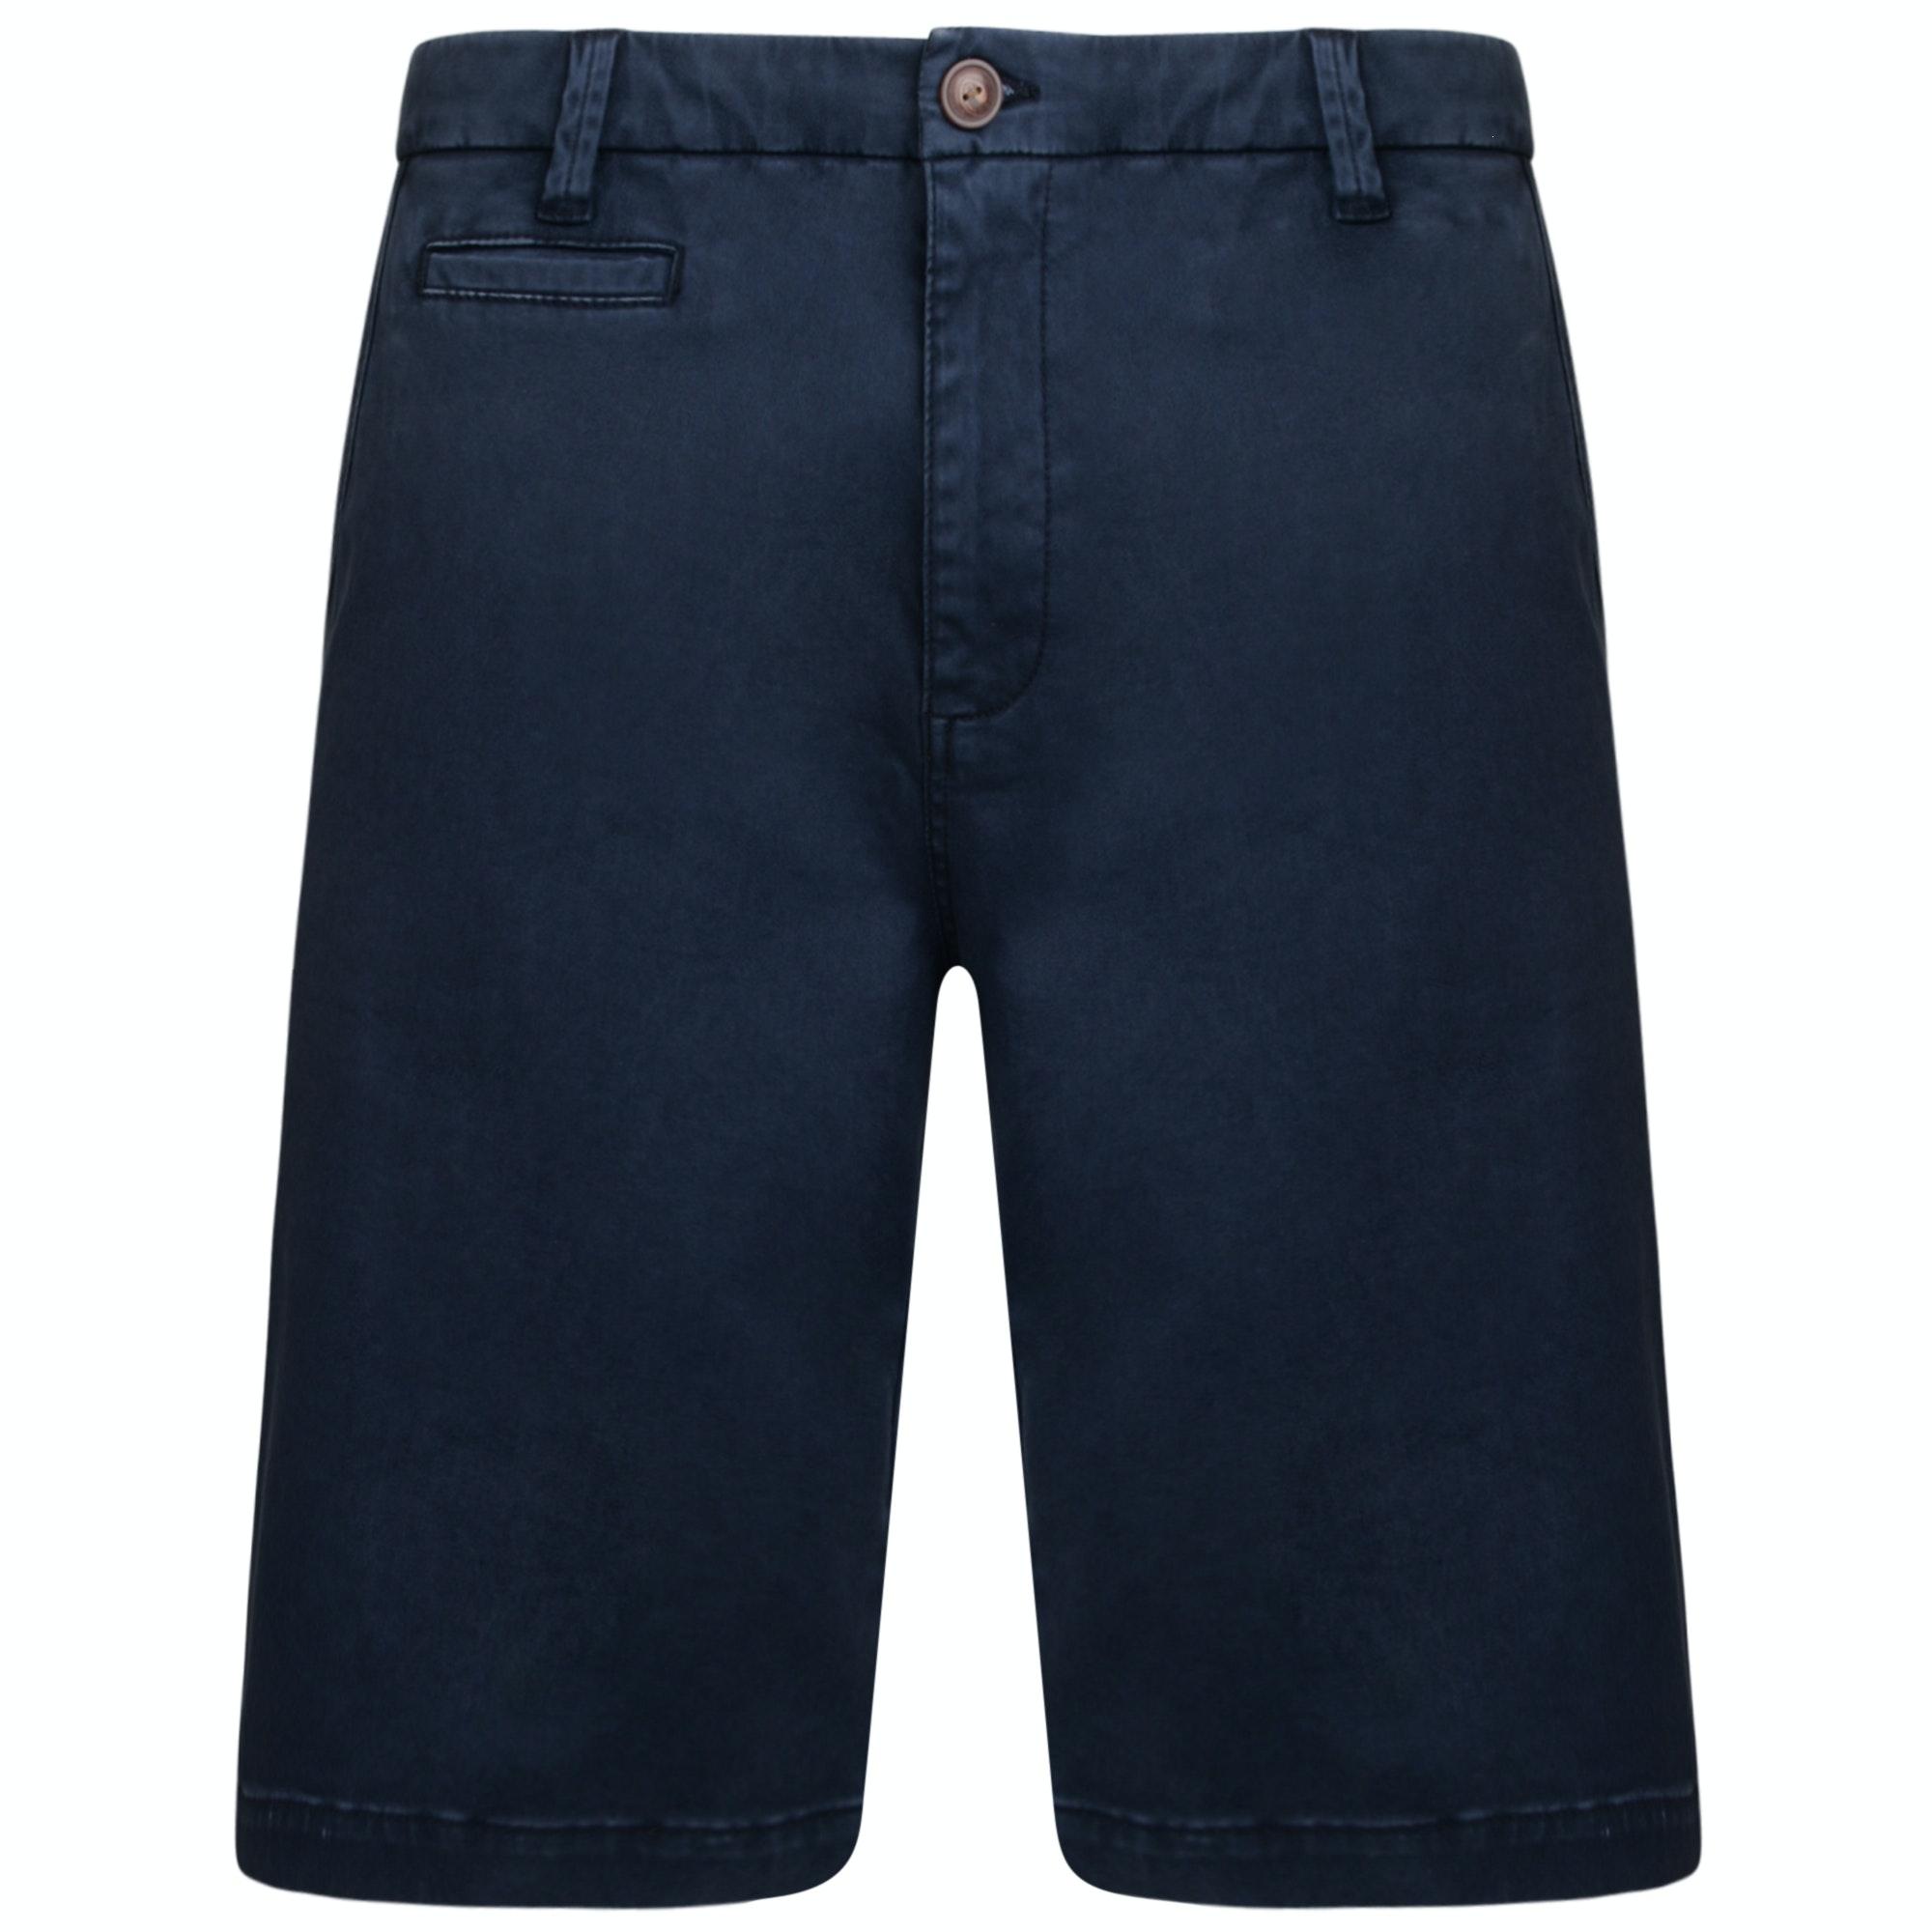 KAM Stretch Chino Shorts Navy